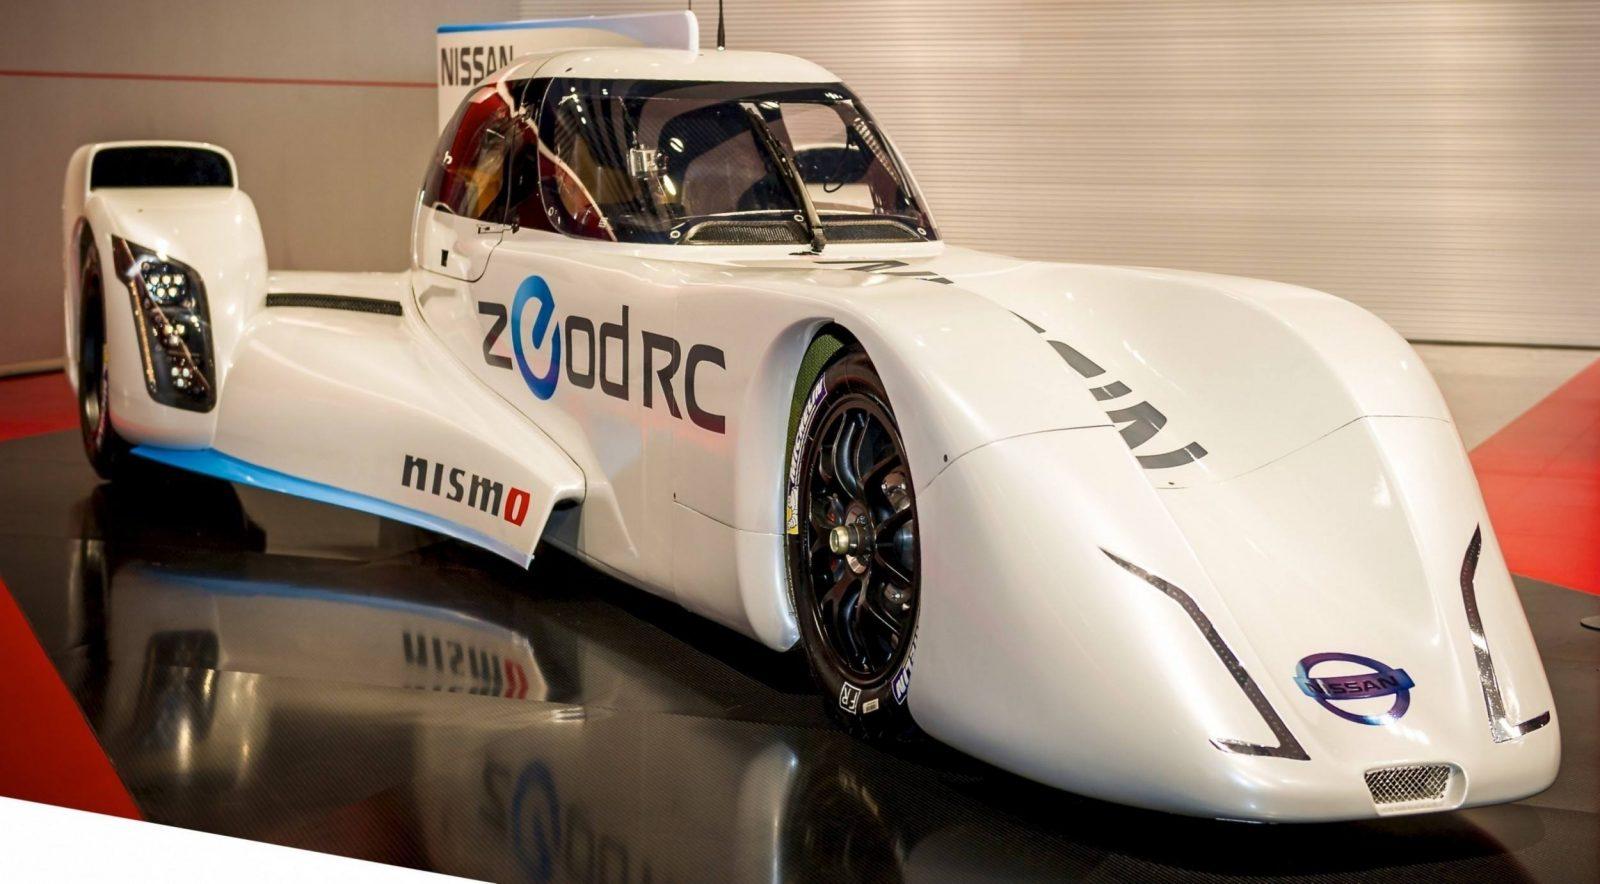 Nissan_ZEODRC_Nismo_launch_10